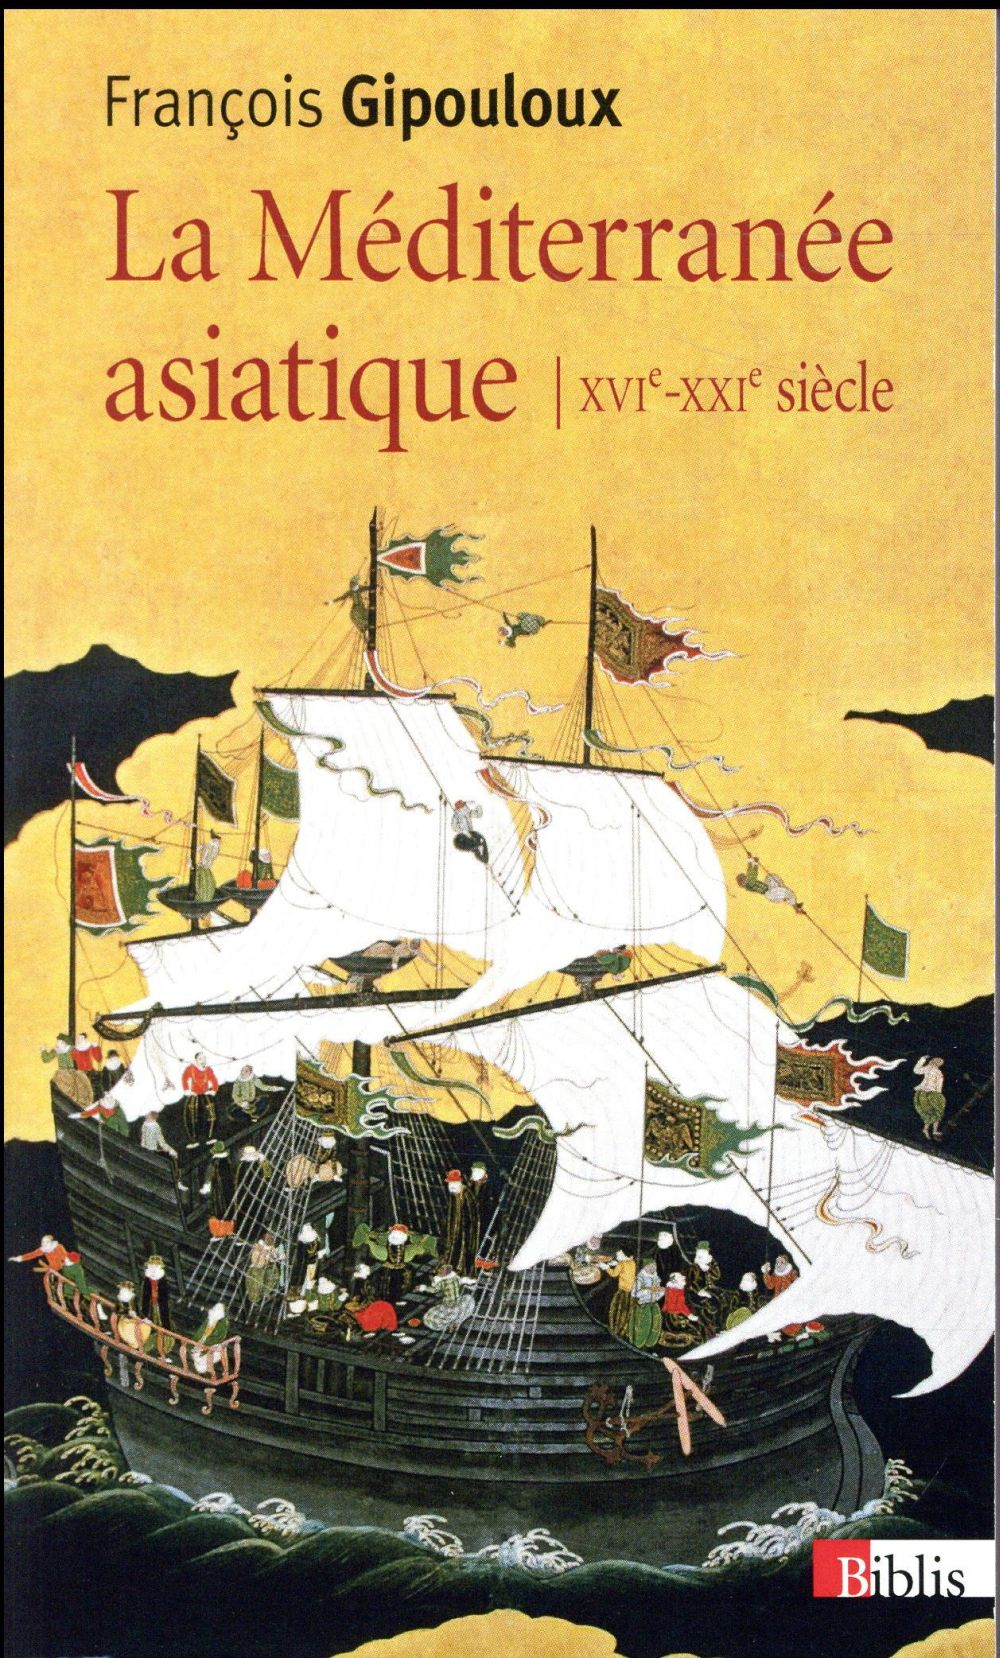 La Méditerranée asiatique, XVIe-XXIe siècle